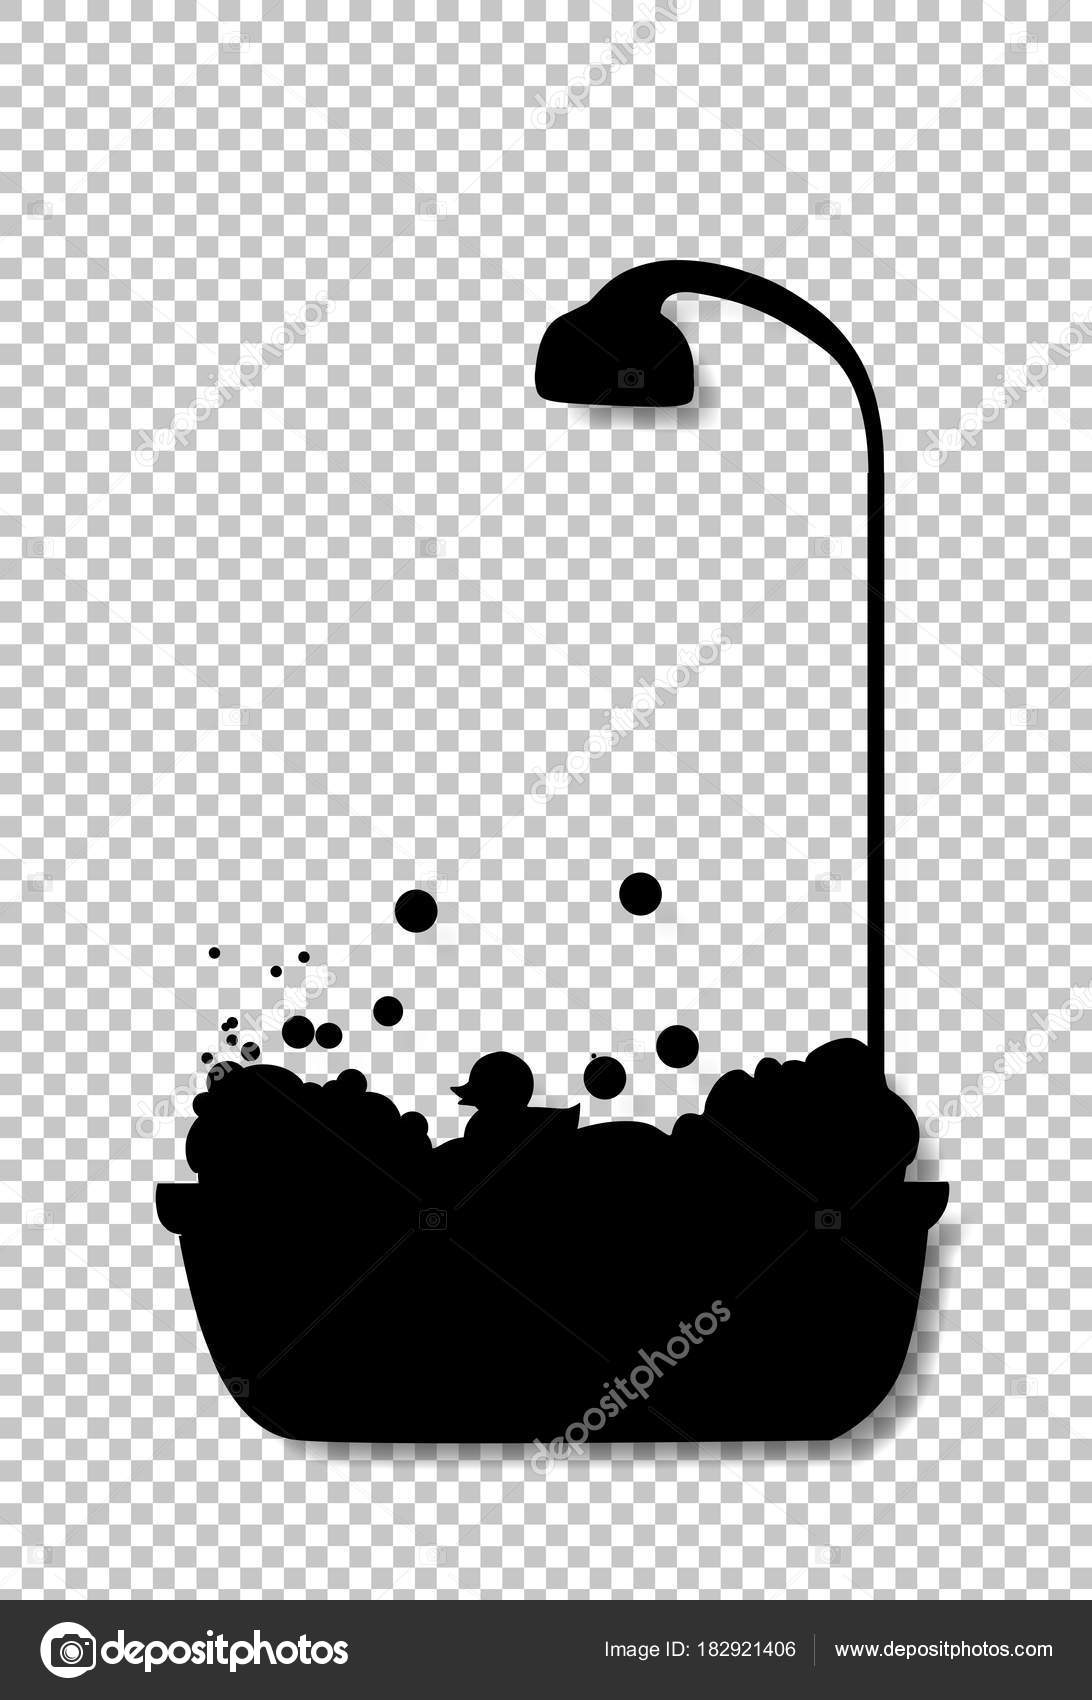 Duschkopf clipart  Schwarze Silhouette Badewanne mit Duschkopf voller Blase Foa ...